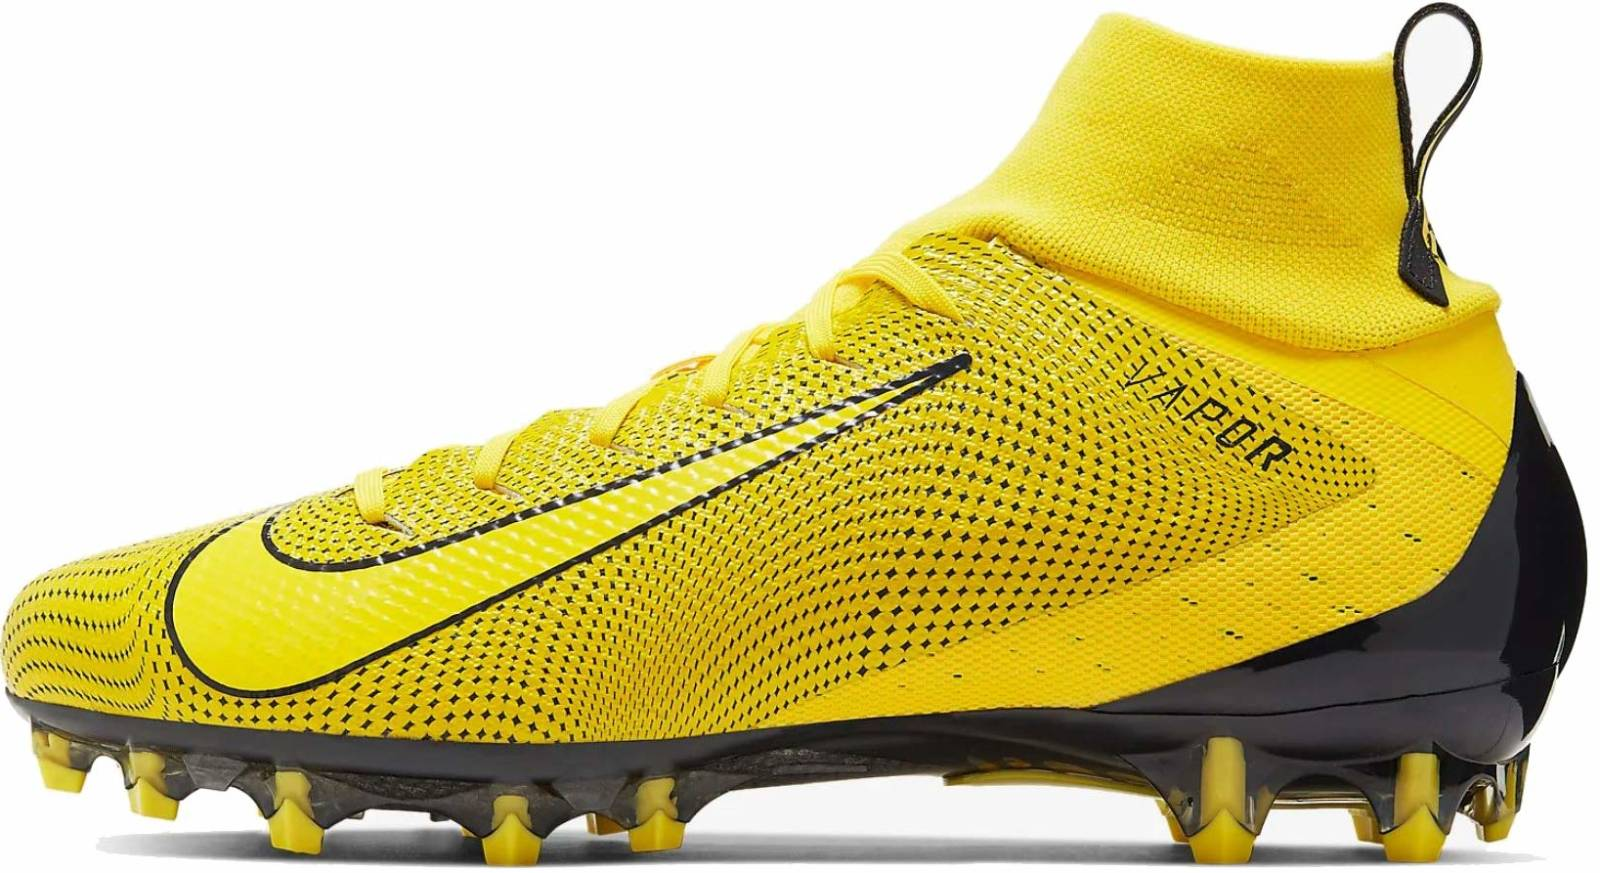 Nike Vapor Untouchable Pro 3